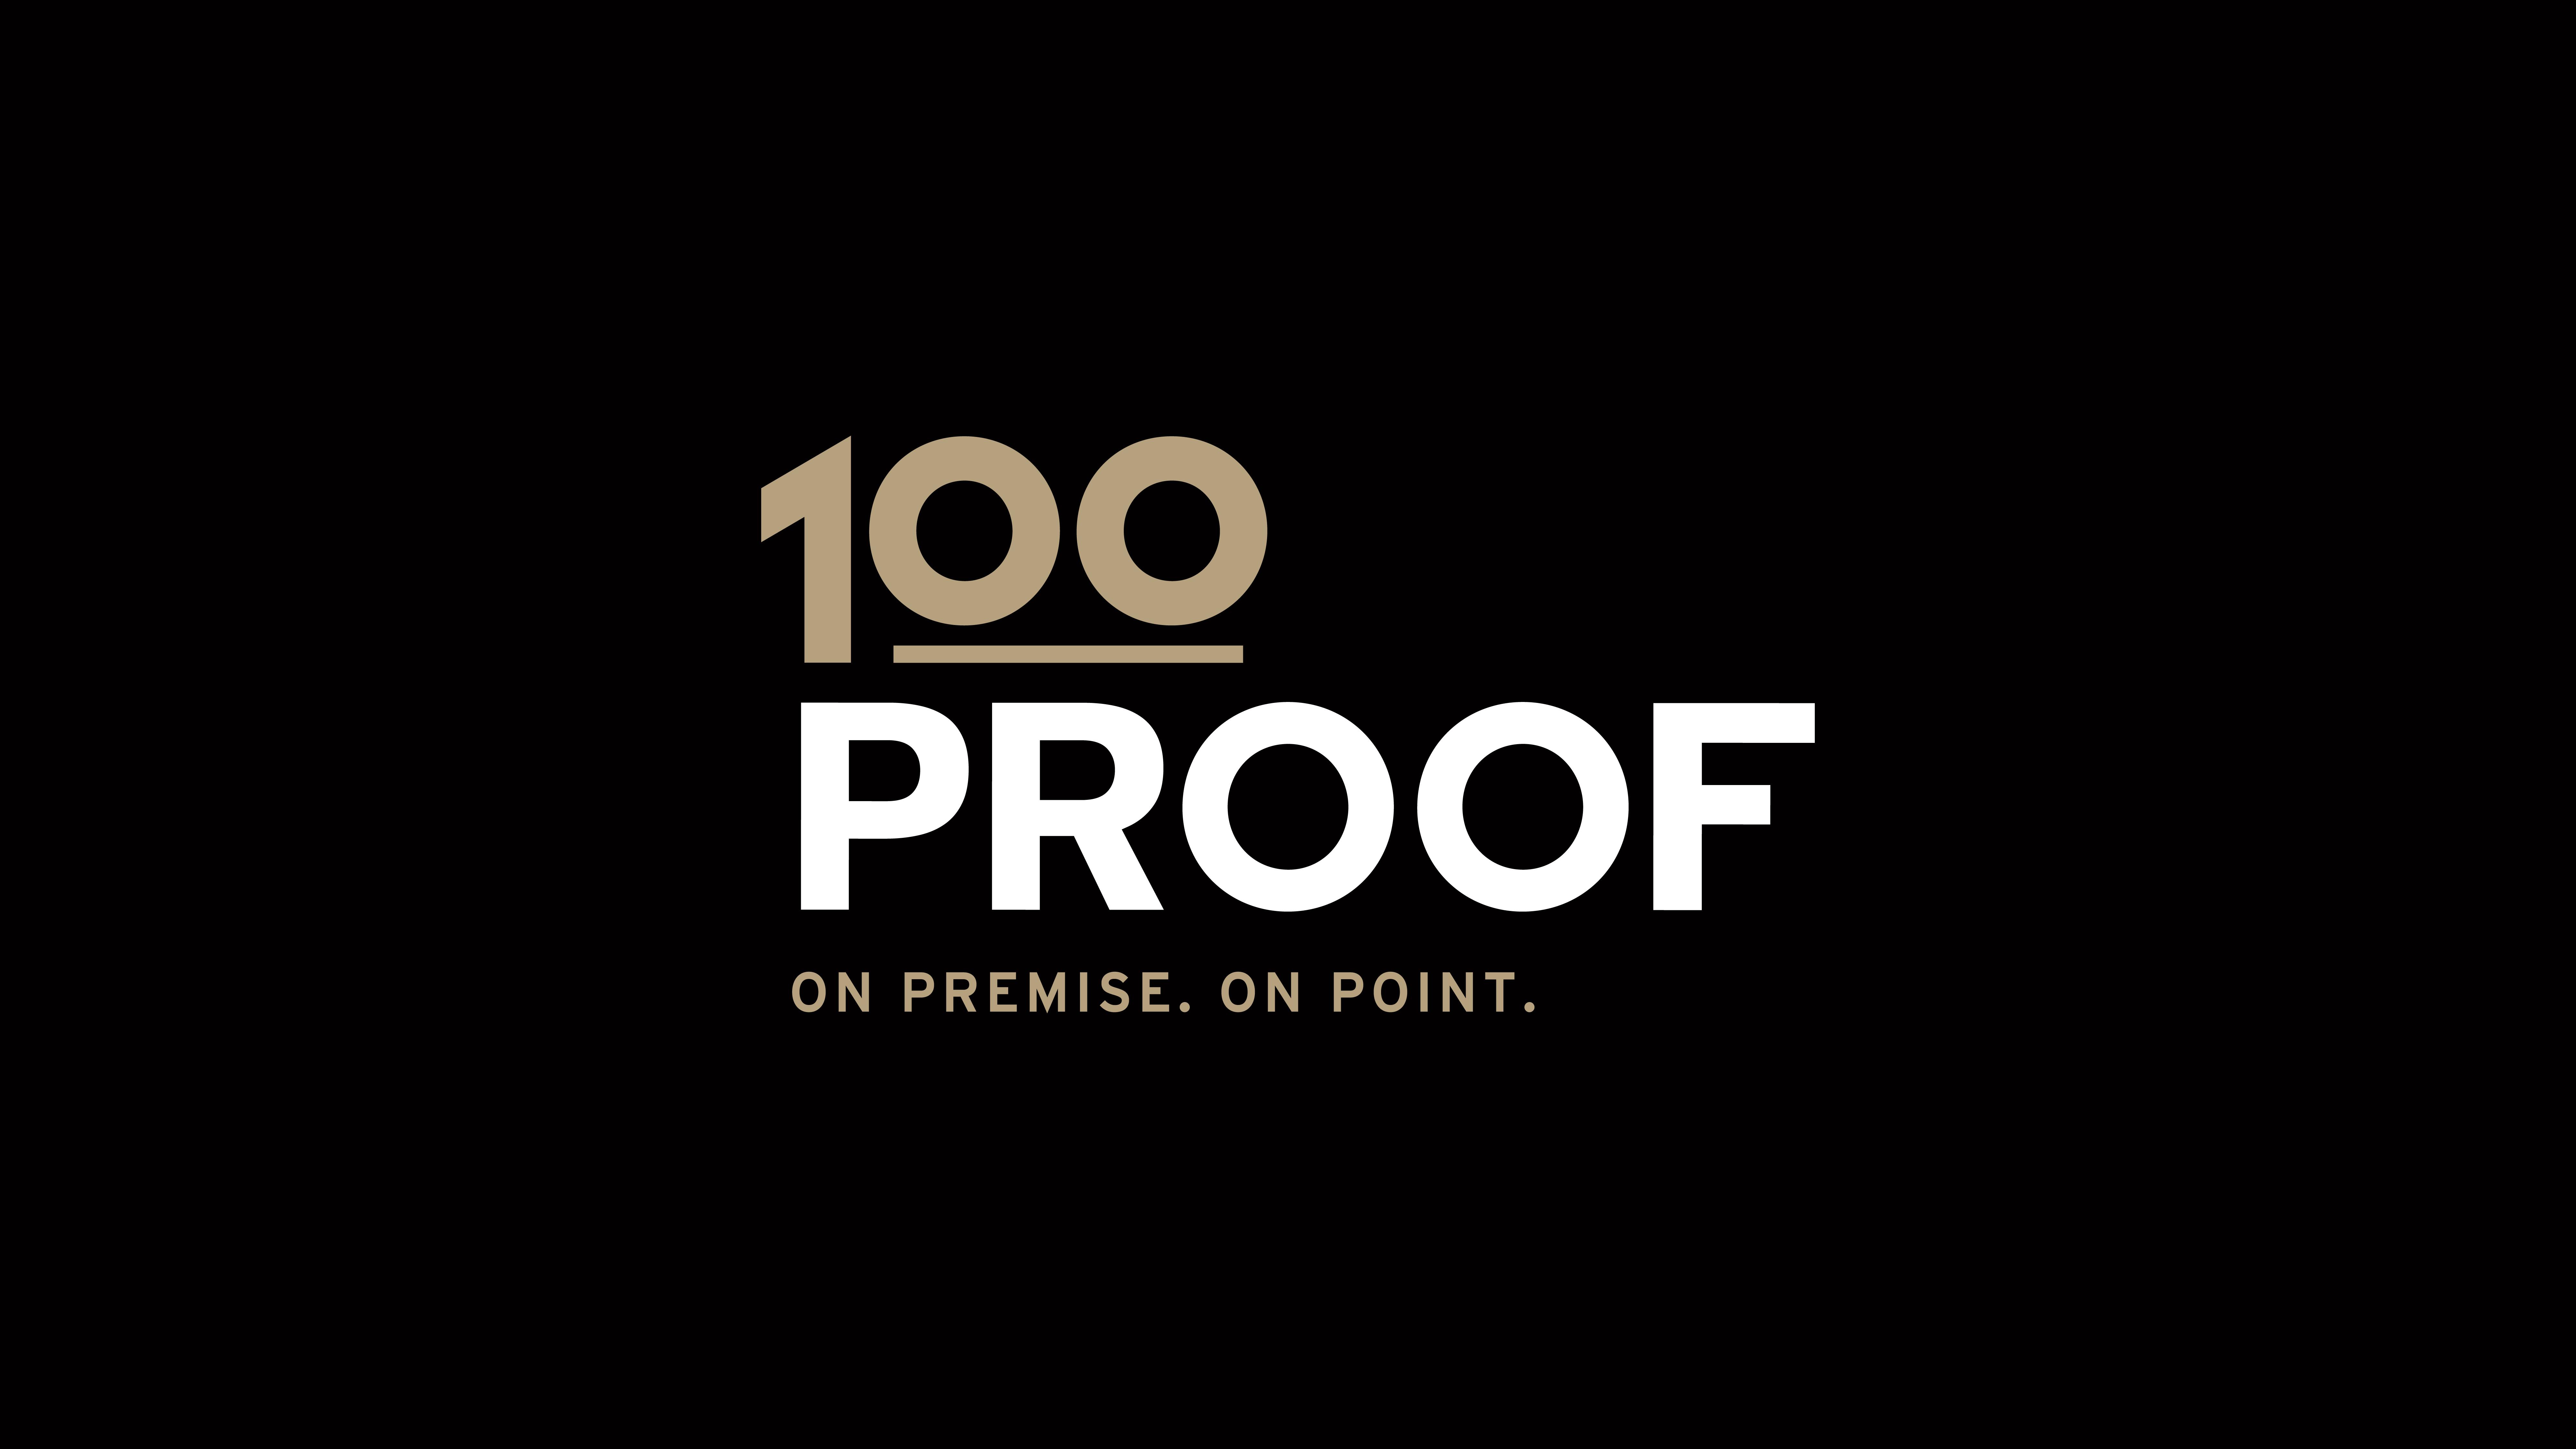 100proof-slide-v2